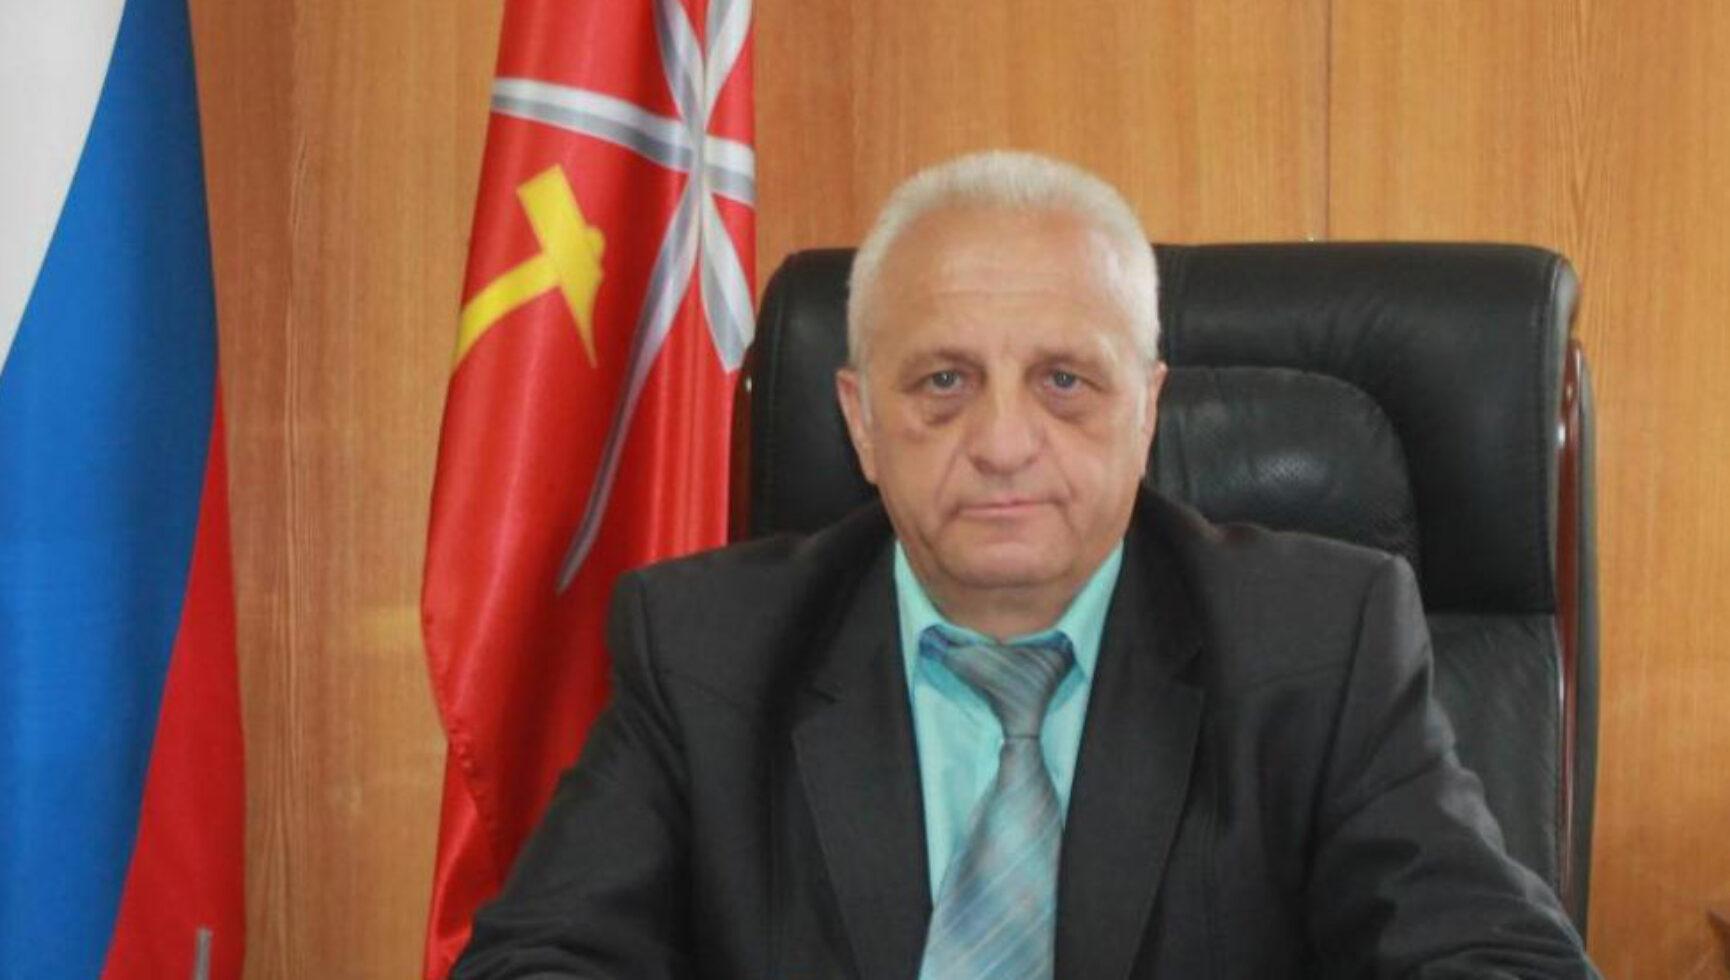 Поздравляем Трифанова Михаила Николаевича, главу администрации муниципального образования Арсеньевский район, с Днем рождения!